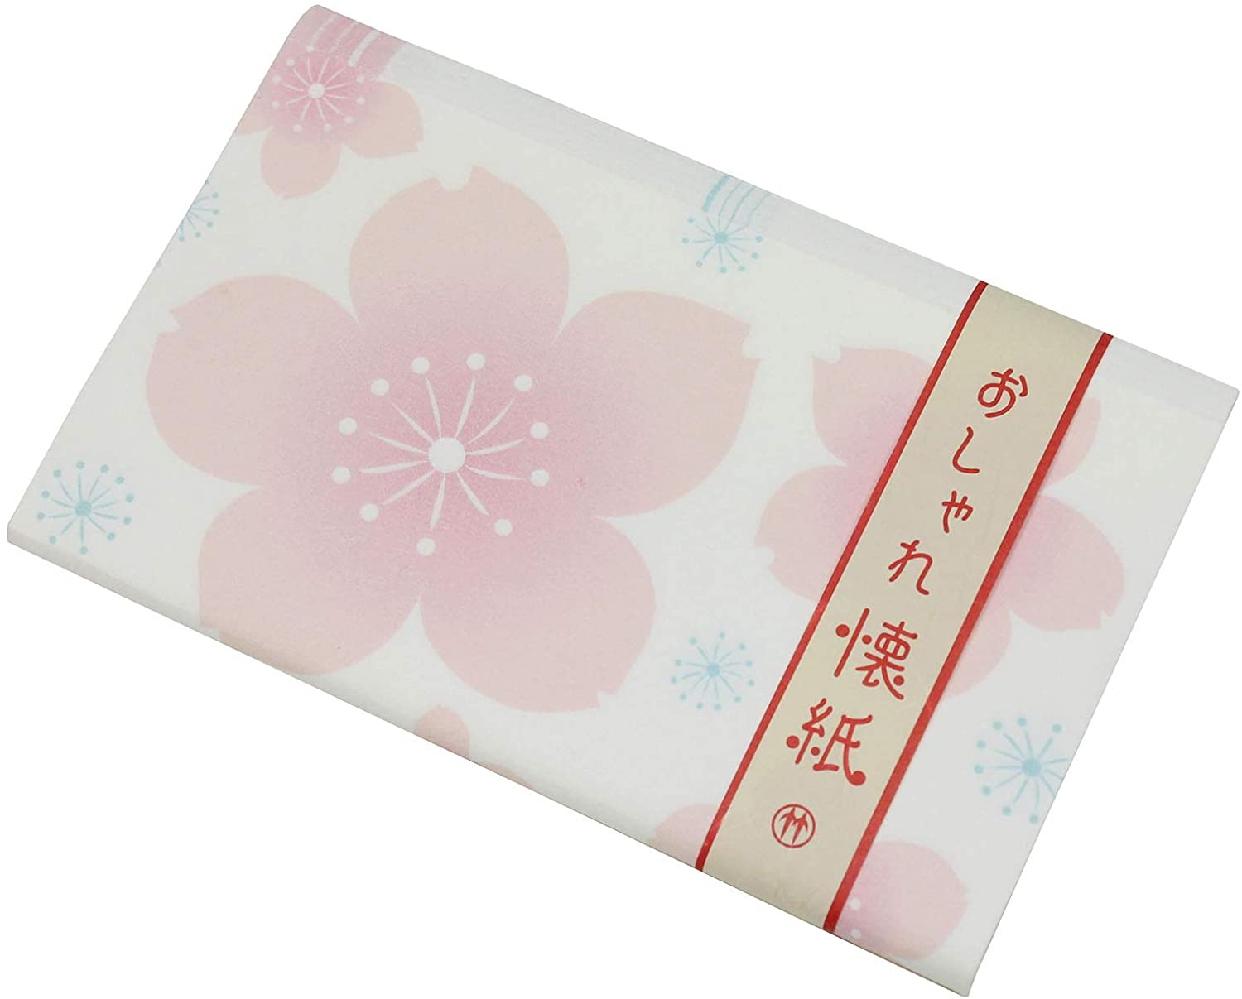 クロチク おしゃれ懐紙 桜 71306713 白の商品画像2